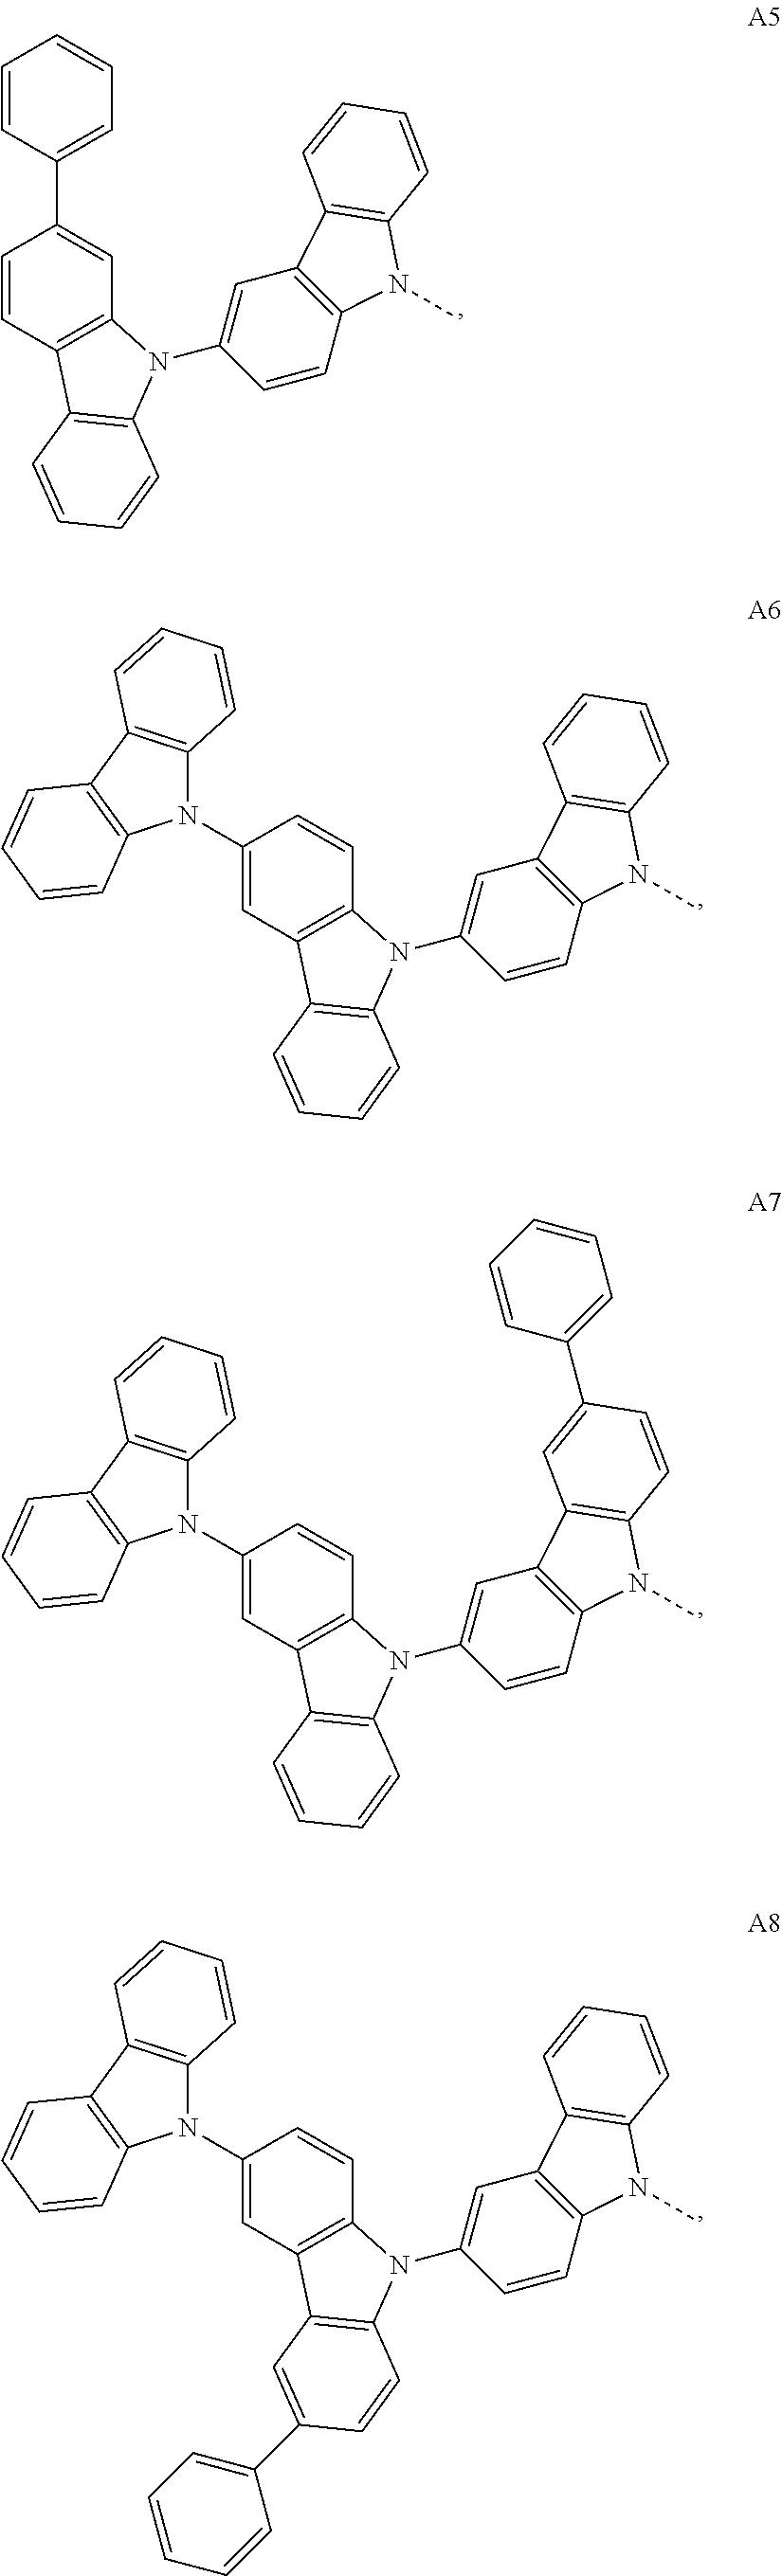 Figure US09876173-20180123-C00007